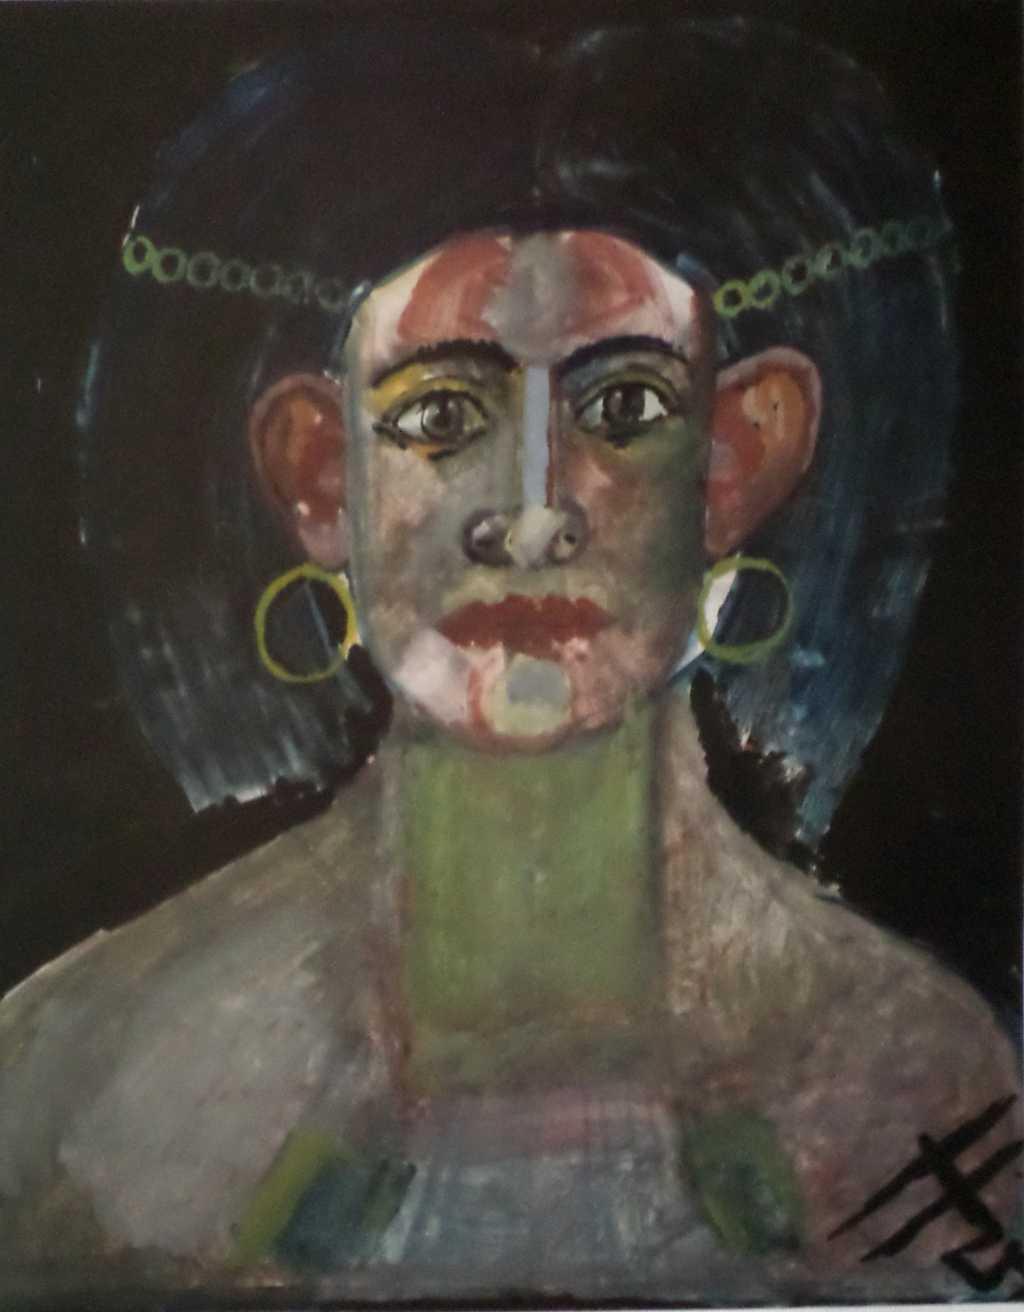 Művészet és pszichiátria határmezsgyéjén